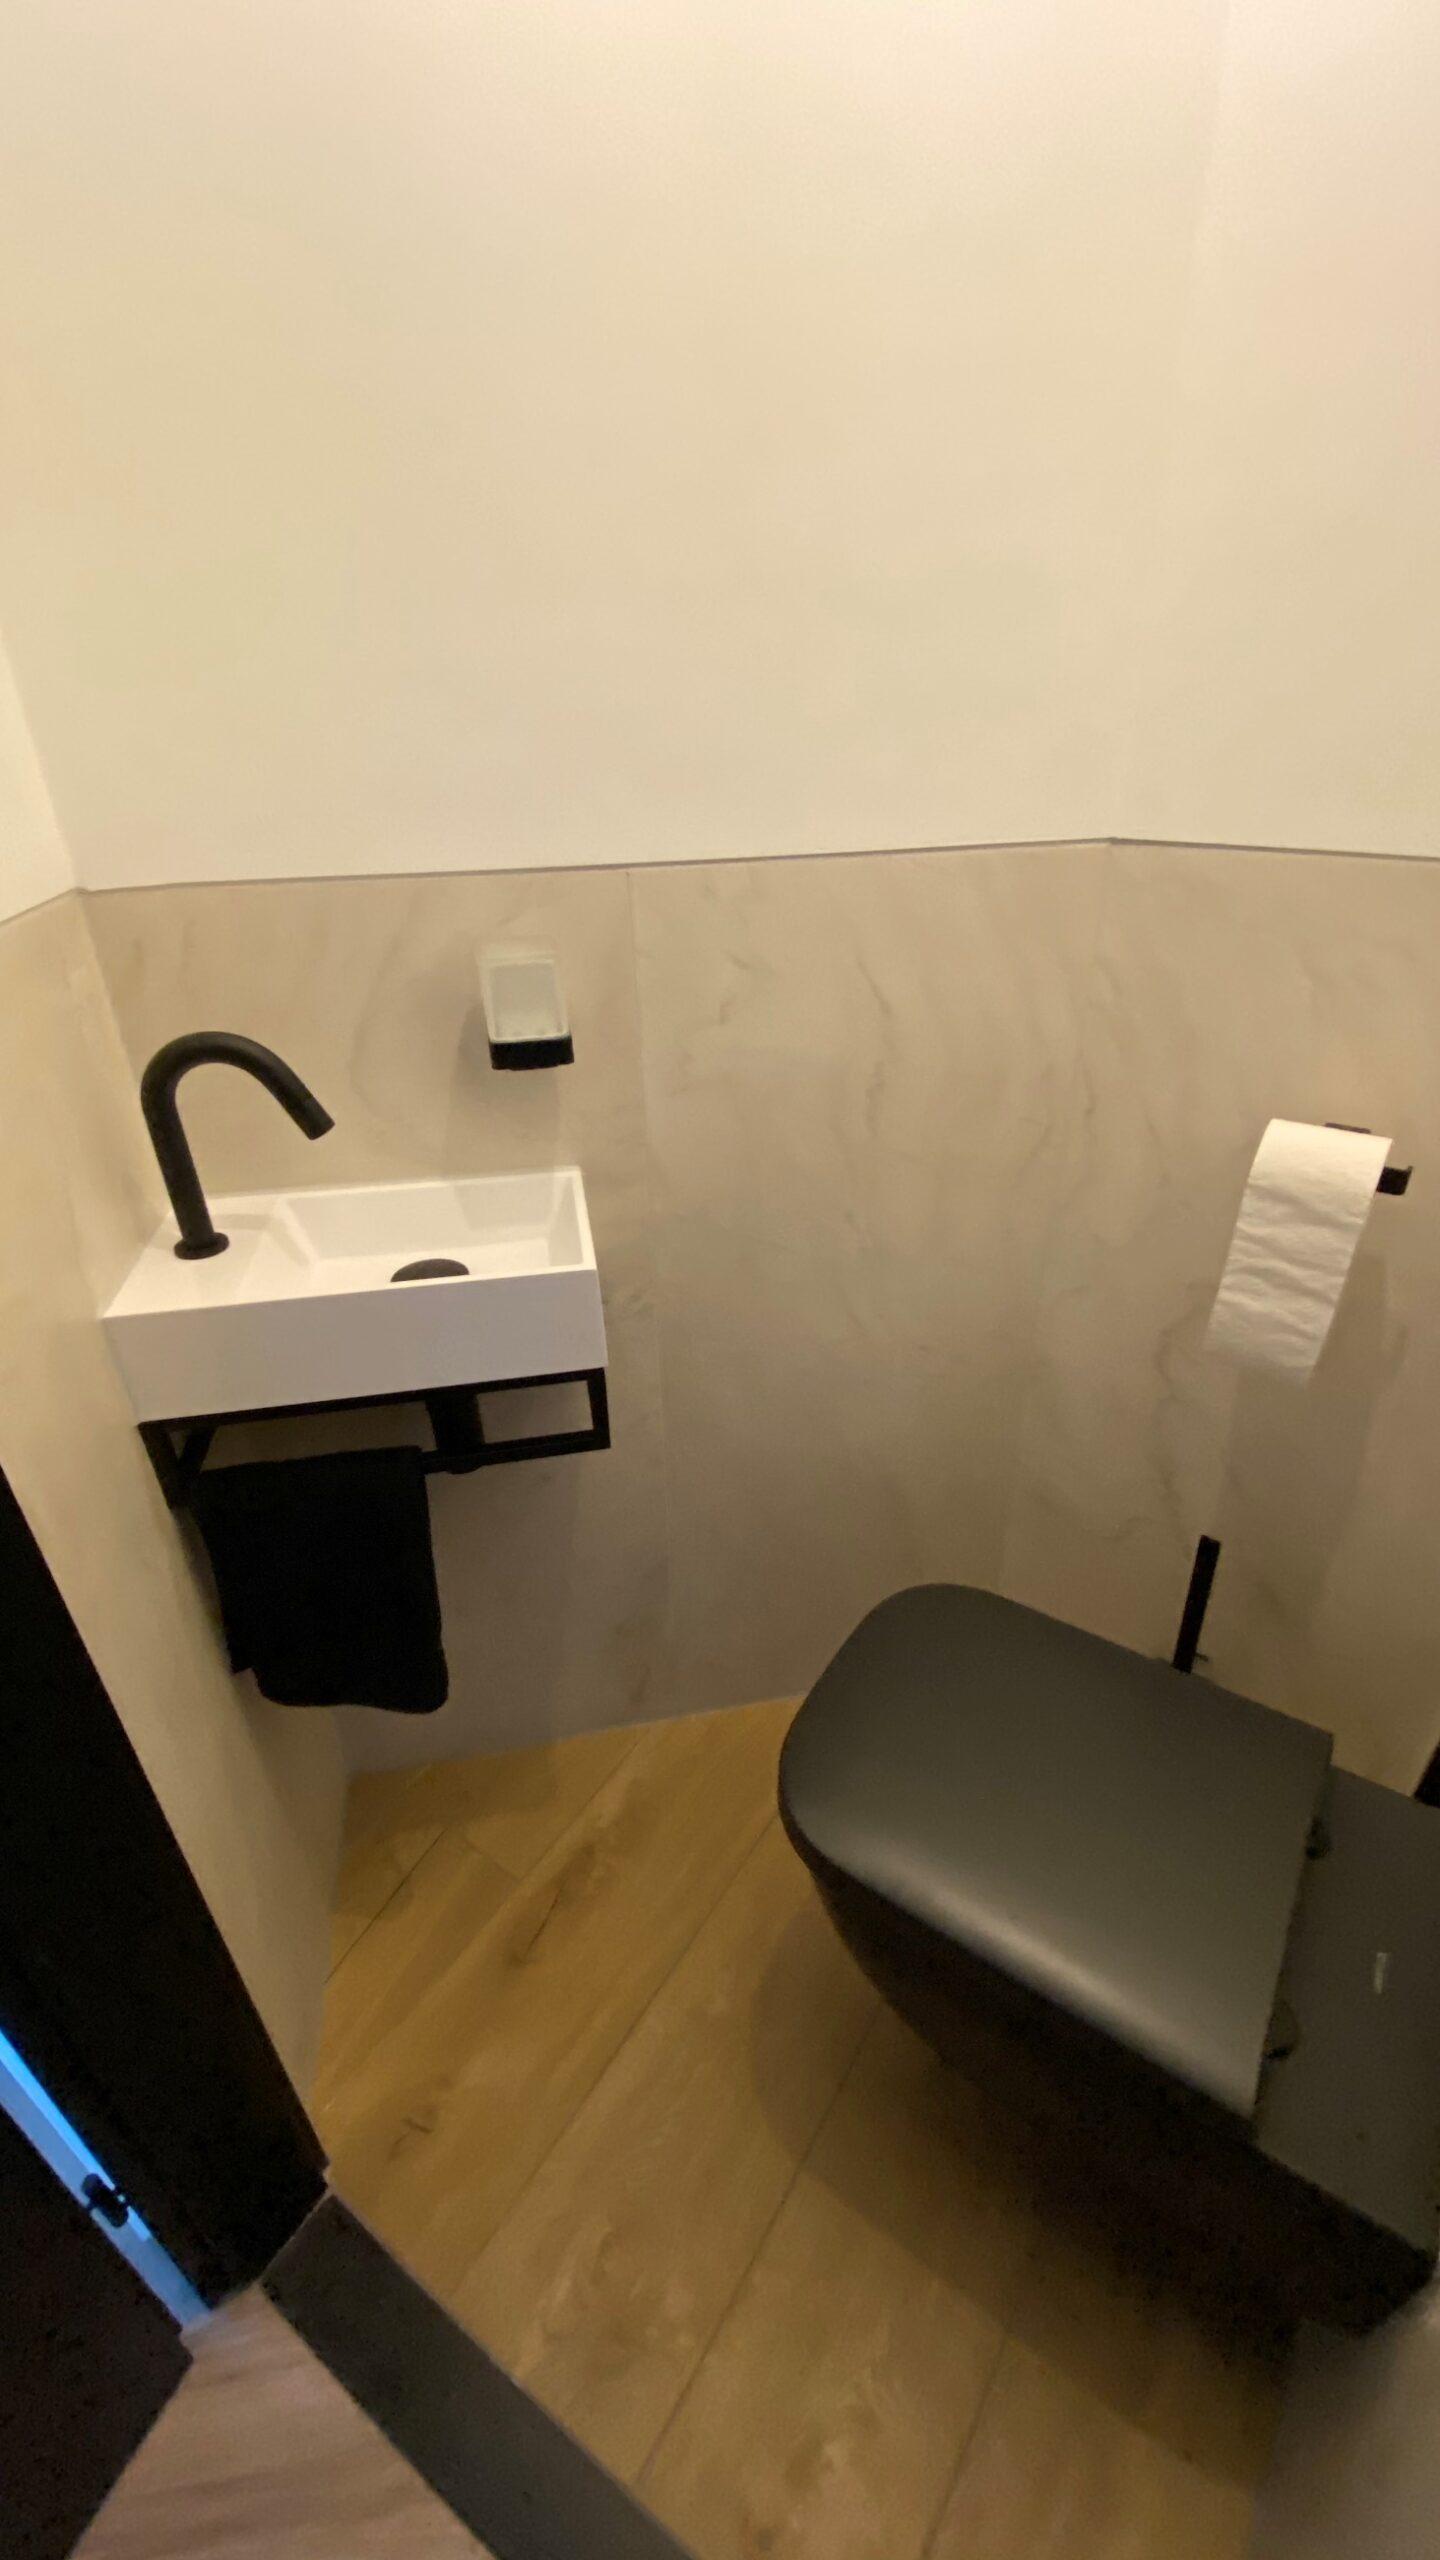 Onlangs hebben onze vakmannen weer een prachtige badkamer gerealiseerd. Deze designbadkamer kenmerkt zich door de natuurlijke materialen en de strakke accenten. De keramische houtlook vloertegel en de marmerlook wandtegel brengen alle matzwarte accenten nog meer naar boven. Natuurlijke materialen zoals marmer en hout brengen veel warmte aan de badkamer. De matzwarte accenten zorgen er voor dat het design wel intact blijft.